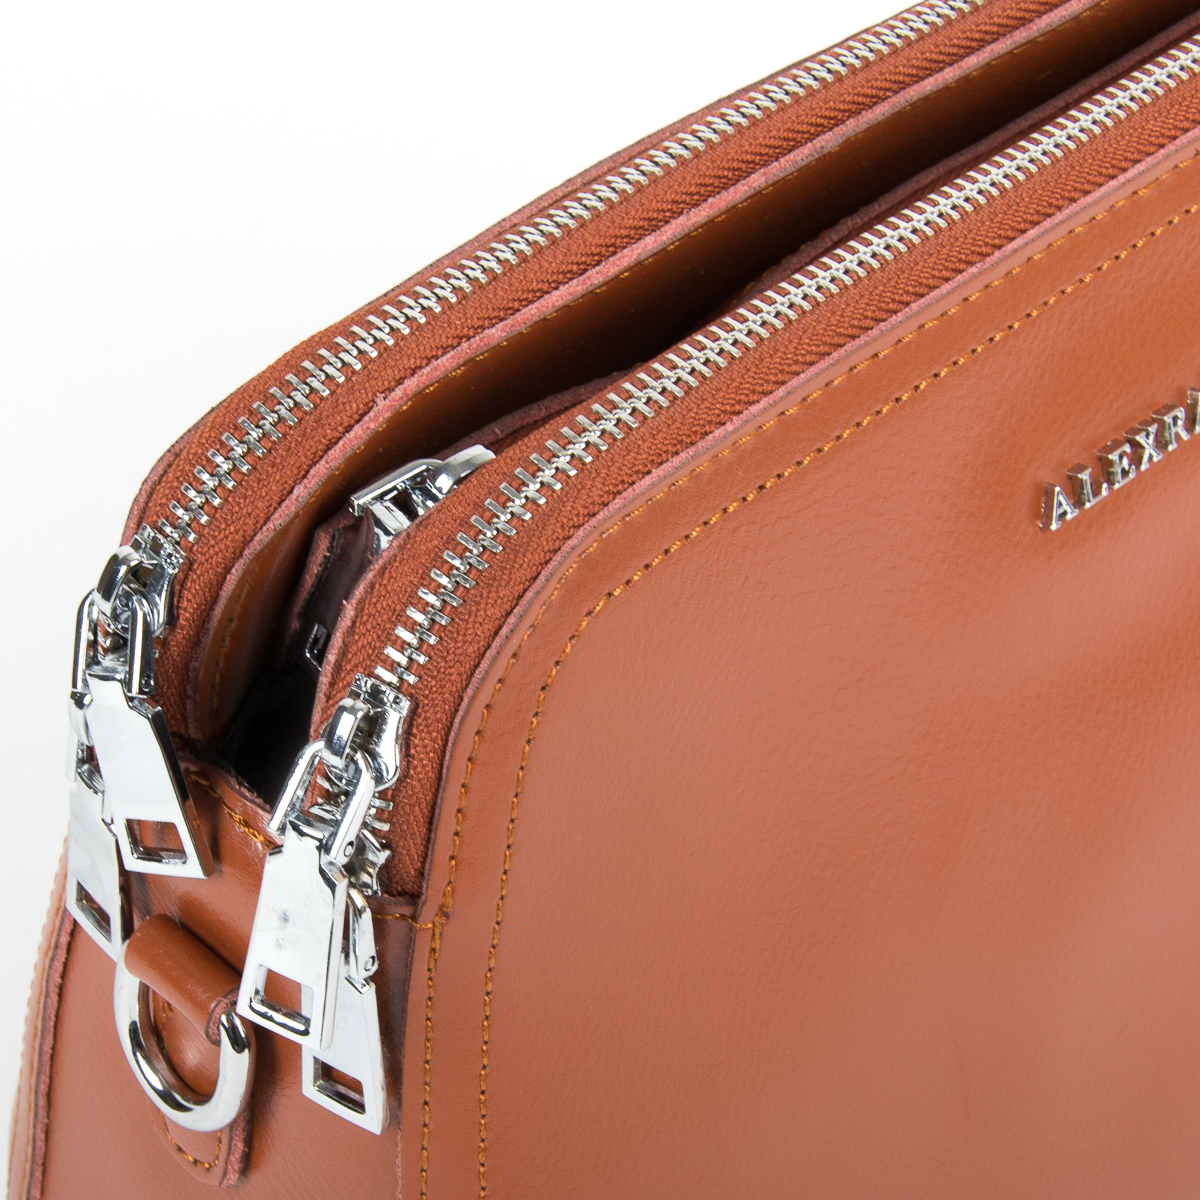 Сумка Женская Клатч кожа ALEX RAI 9-01 8725 taupe - фото 3